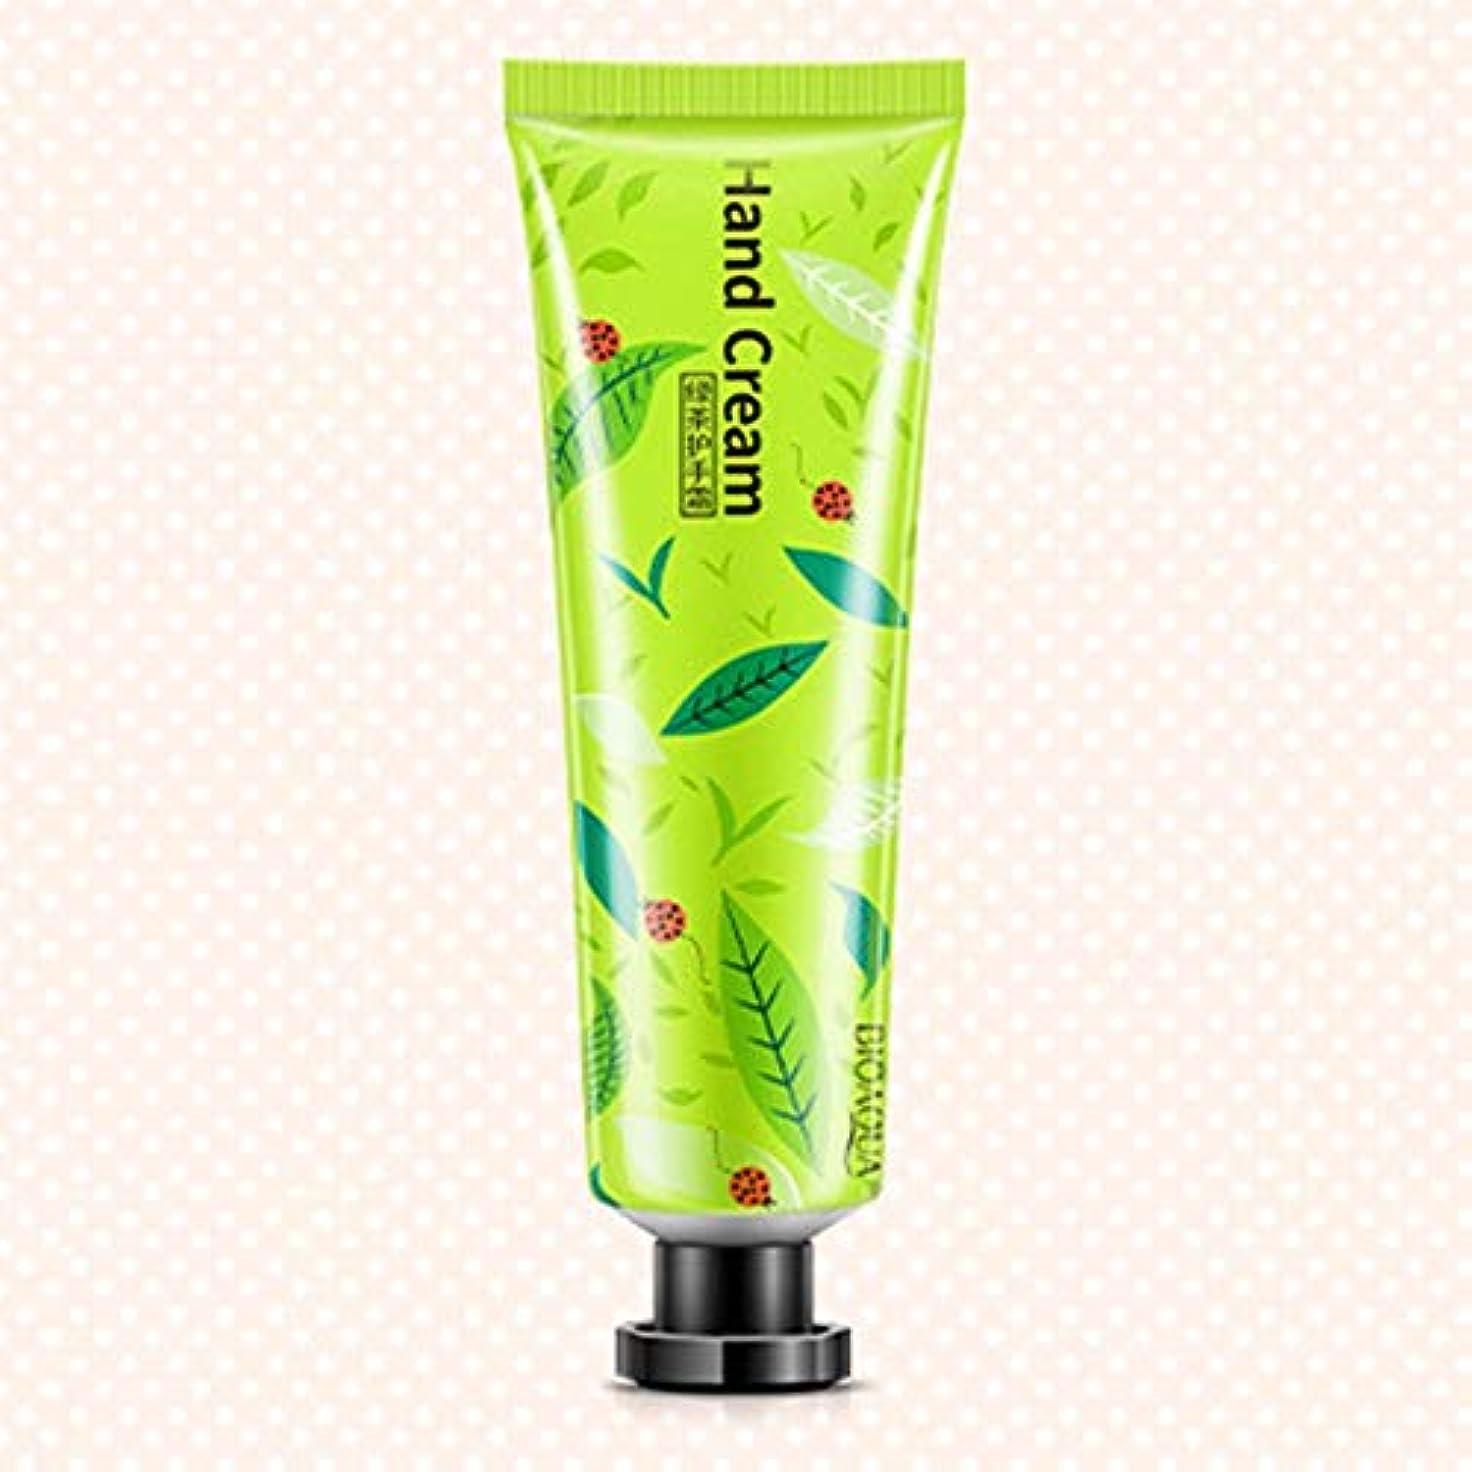 交換可能避難溝ハンドクリーム、30 g保湿植物エキスの香りの水和、ハンドケア用